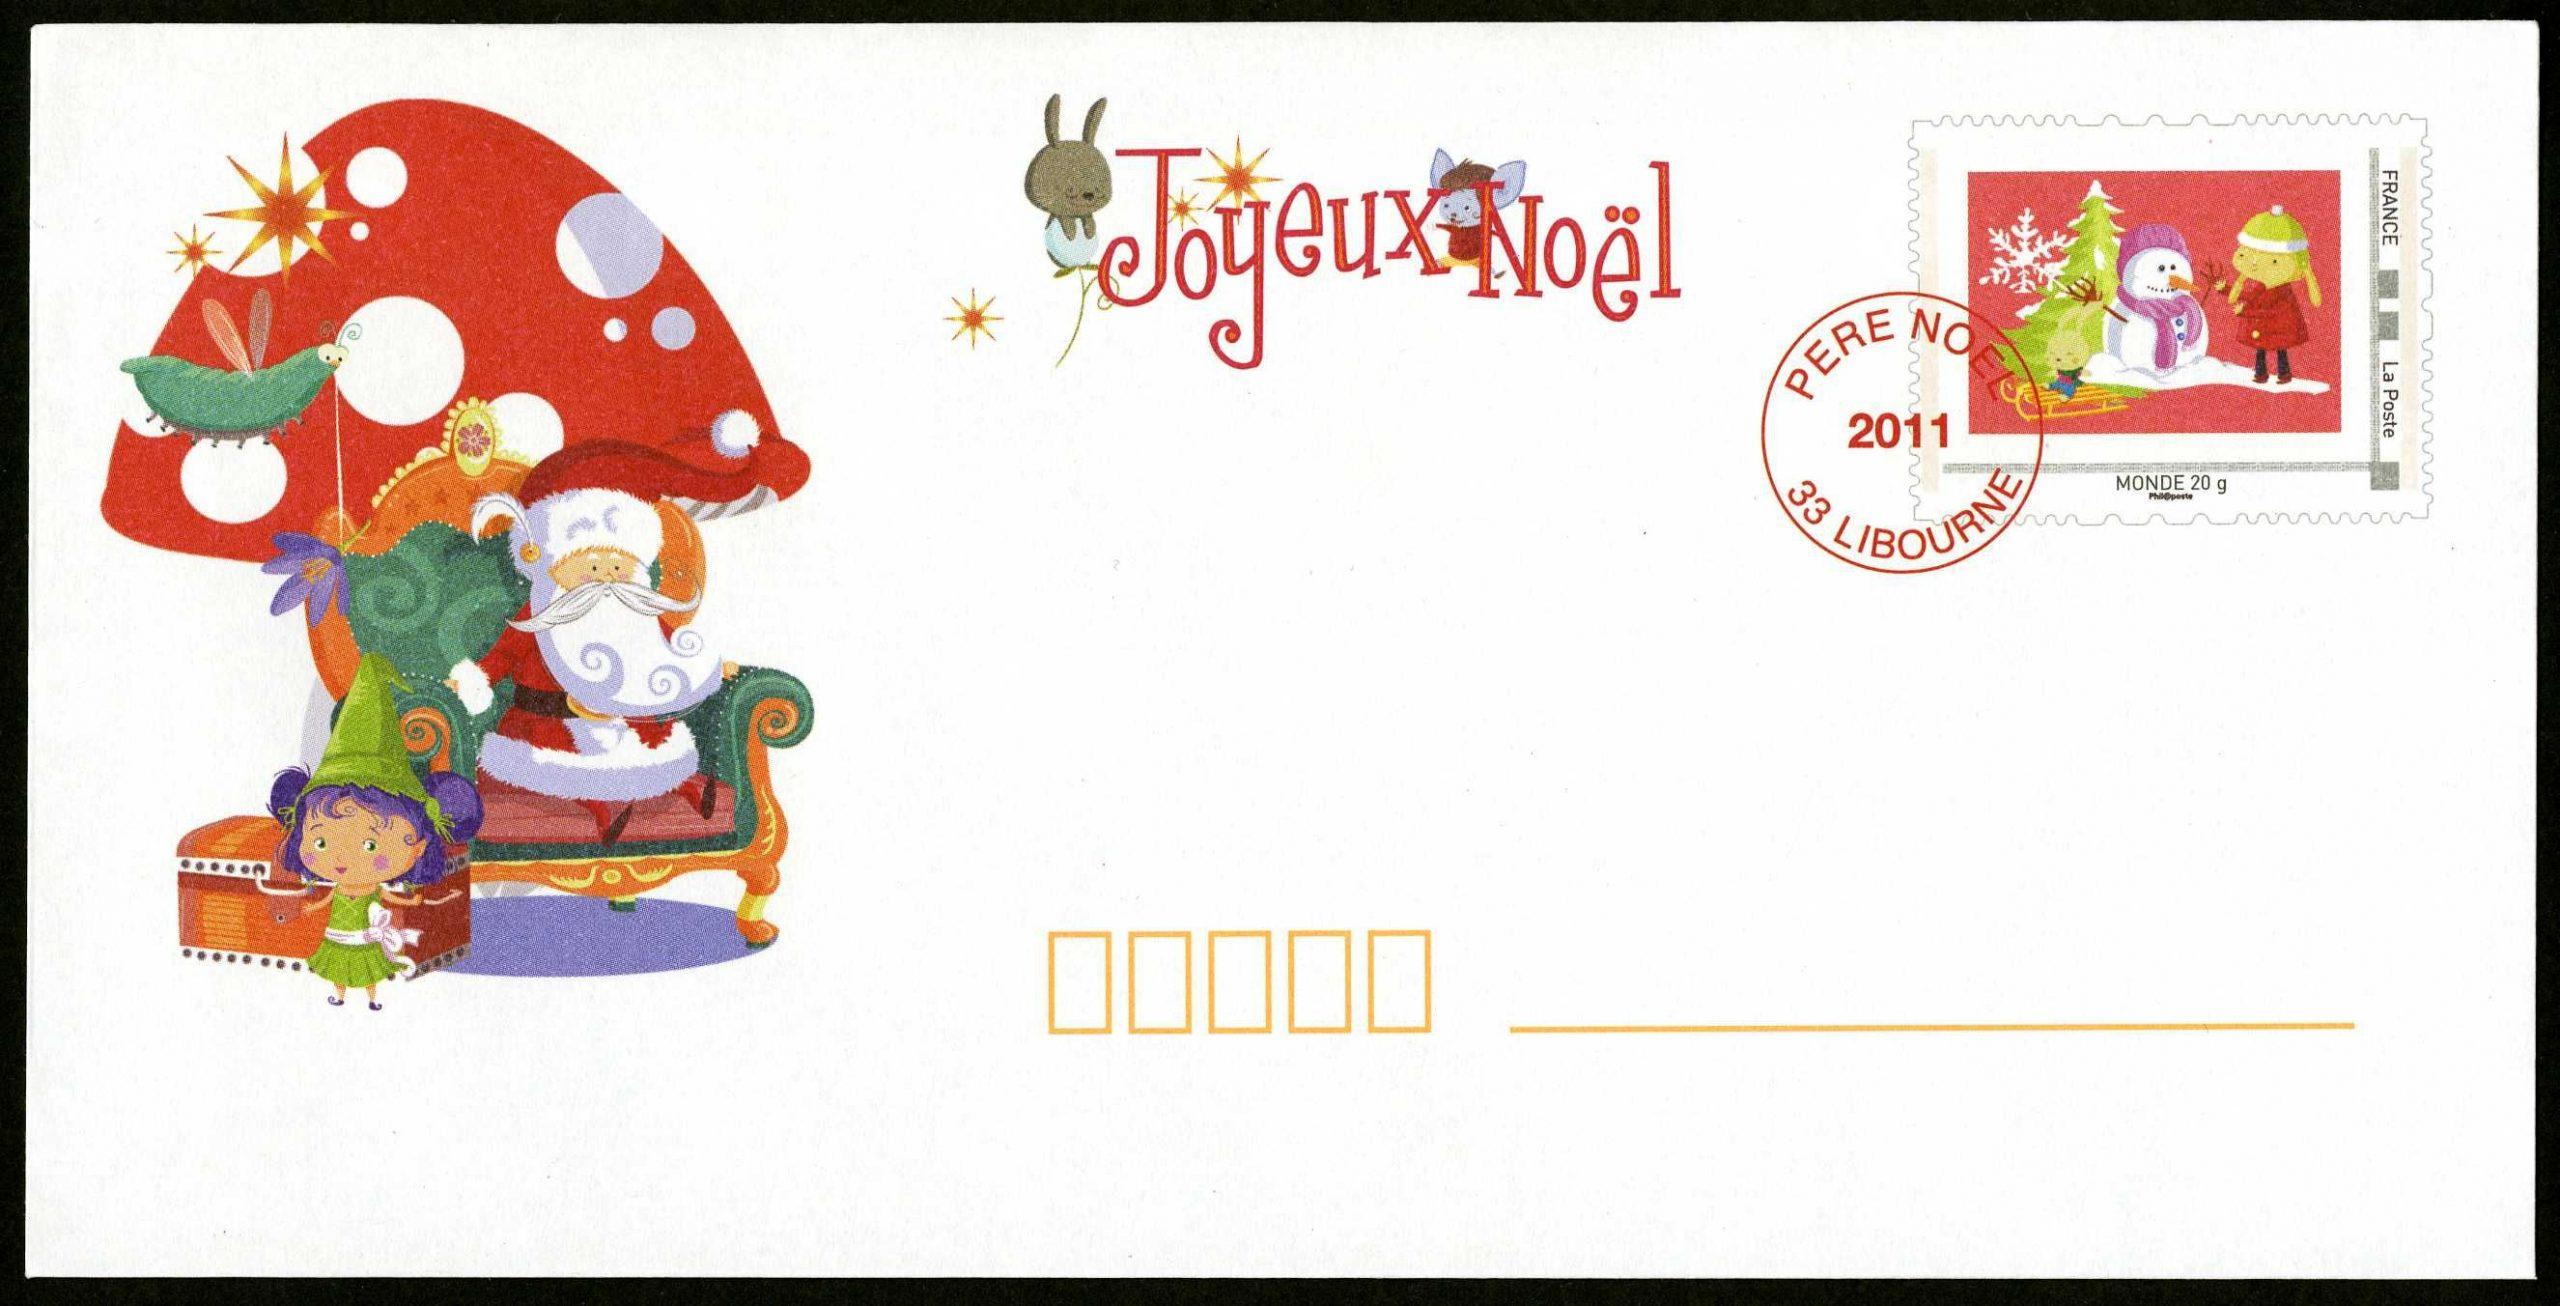 Papier À Lettre Reponse Du Pere Noel Gratuit | Lettre Pere Noel tout Papier À Lettre Père Noel À Imprimer Gratuitement